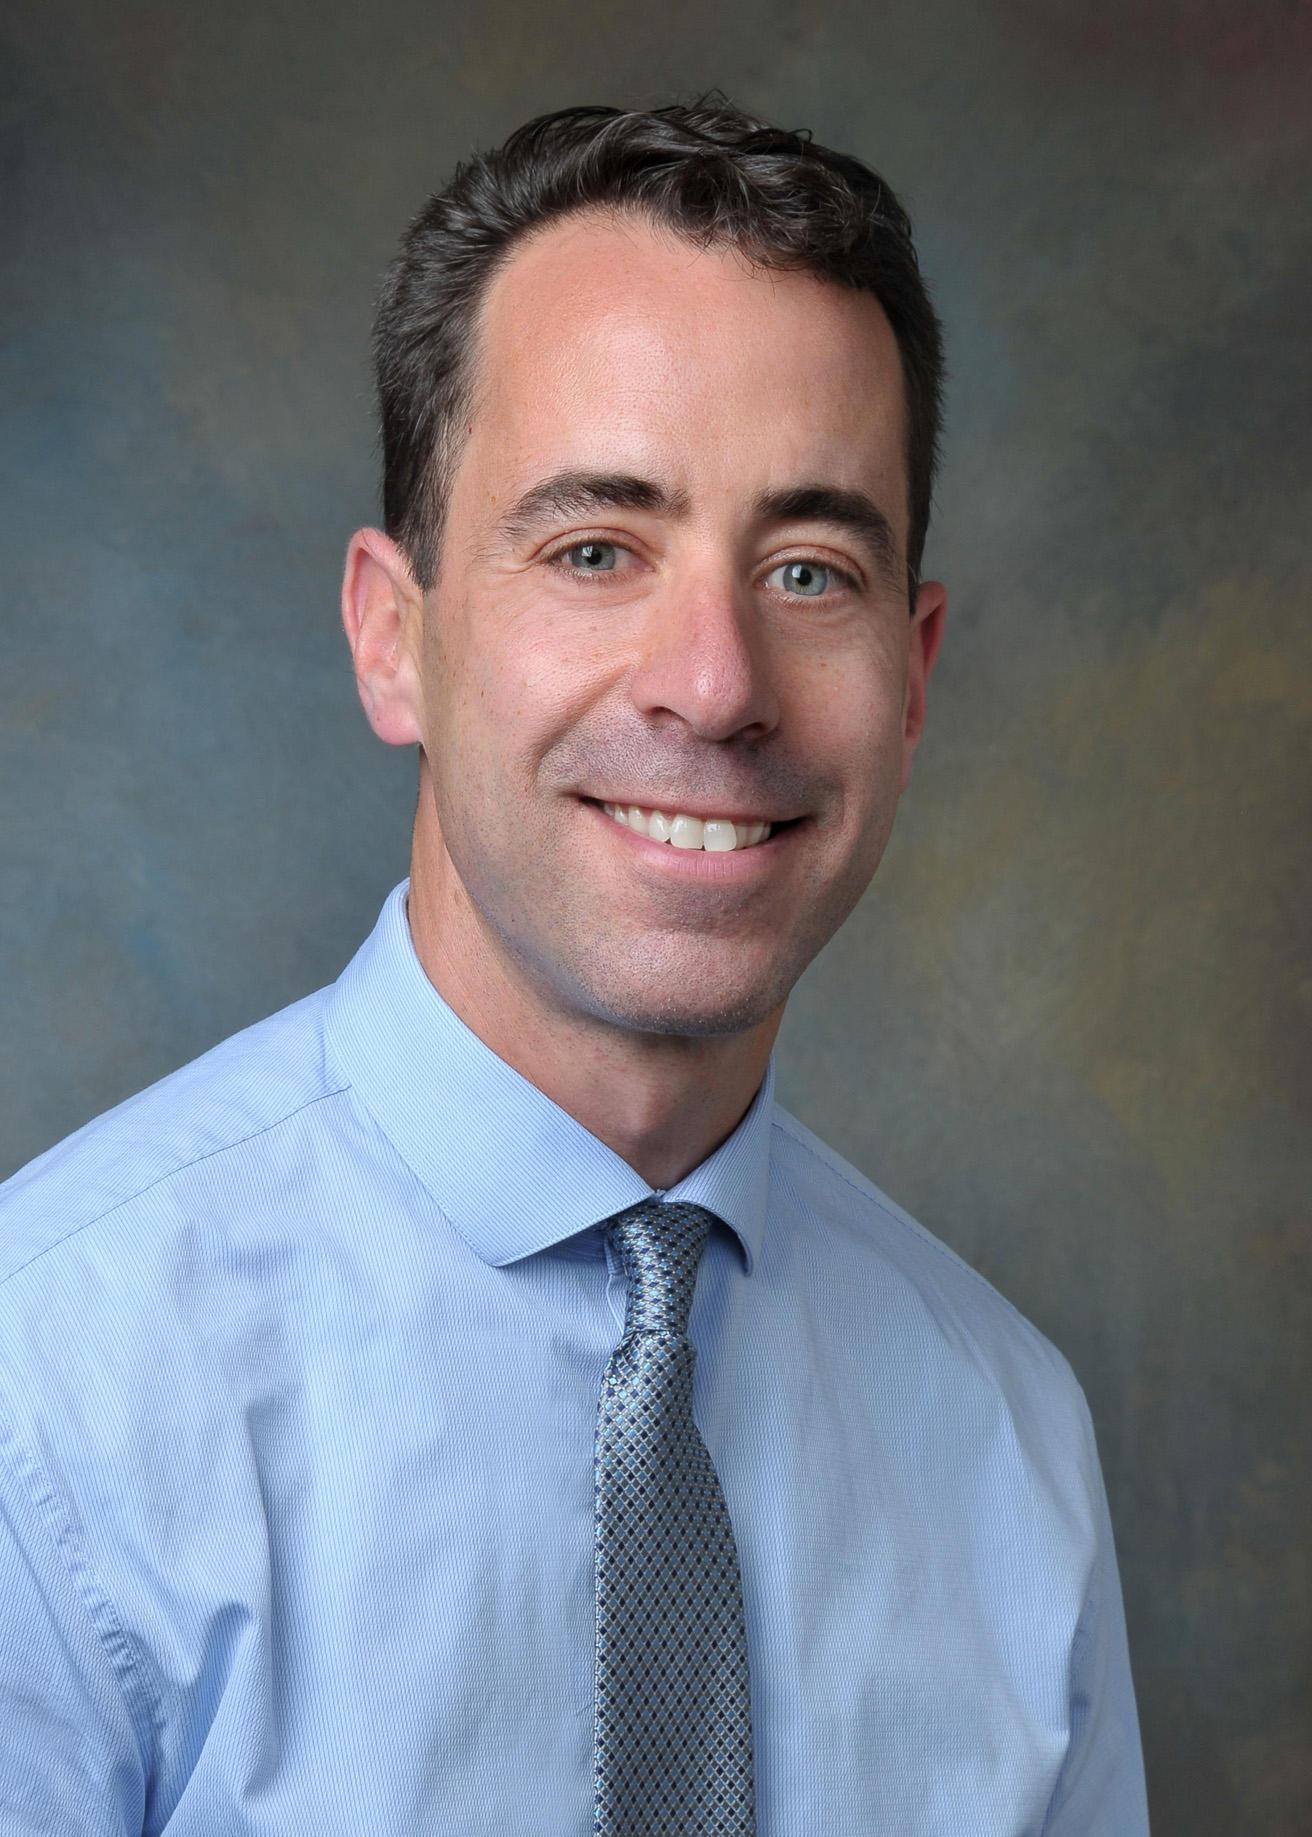 David Tamres, MD